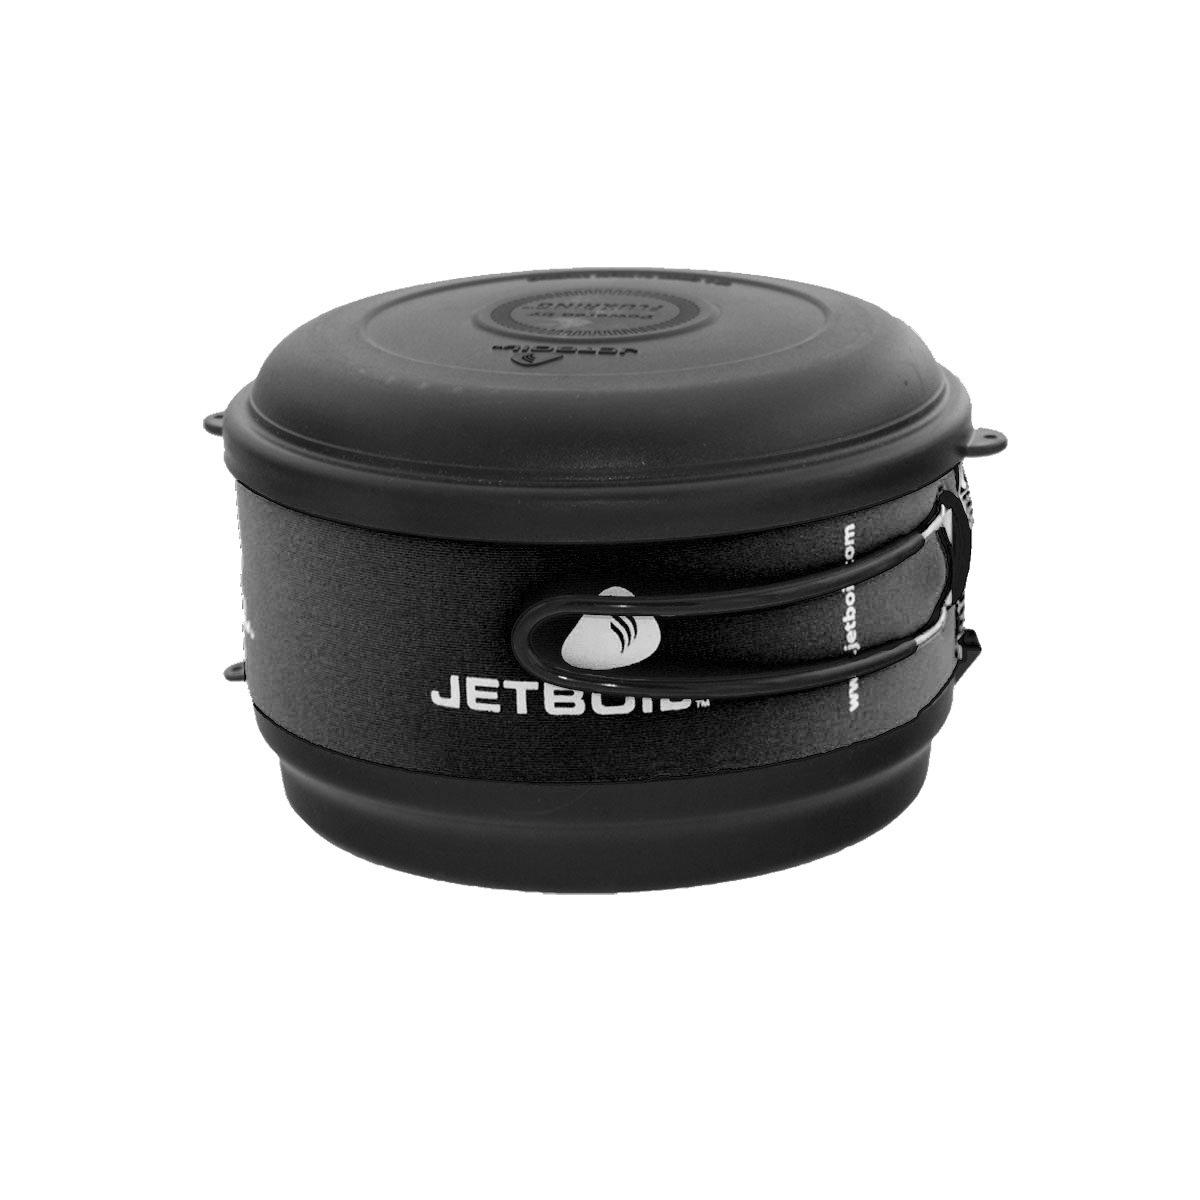 JETBOIL(ジェットボイル) アウトドア キャンプ 1.5 L